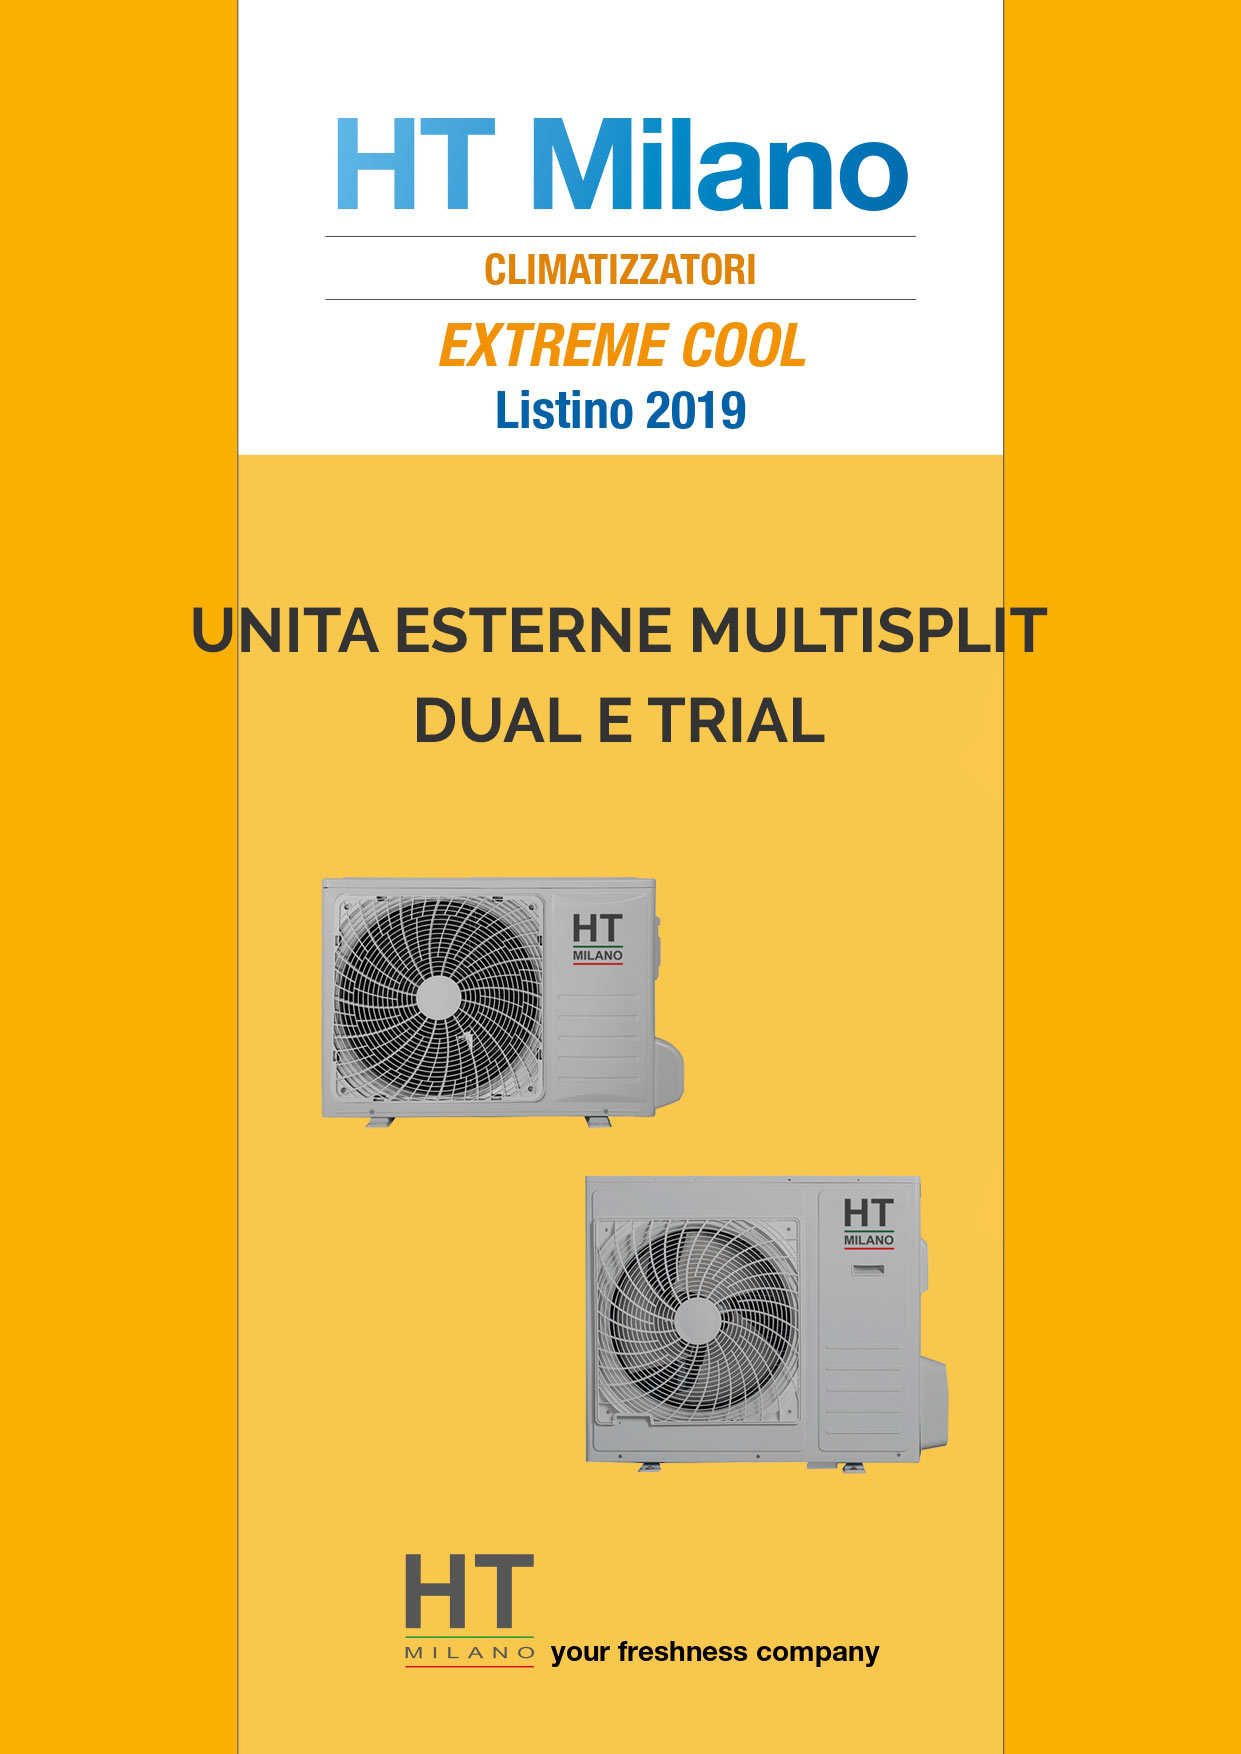 Catalogo Climatizzatore Unità Esterna Multisplit Dual e Trial